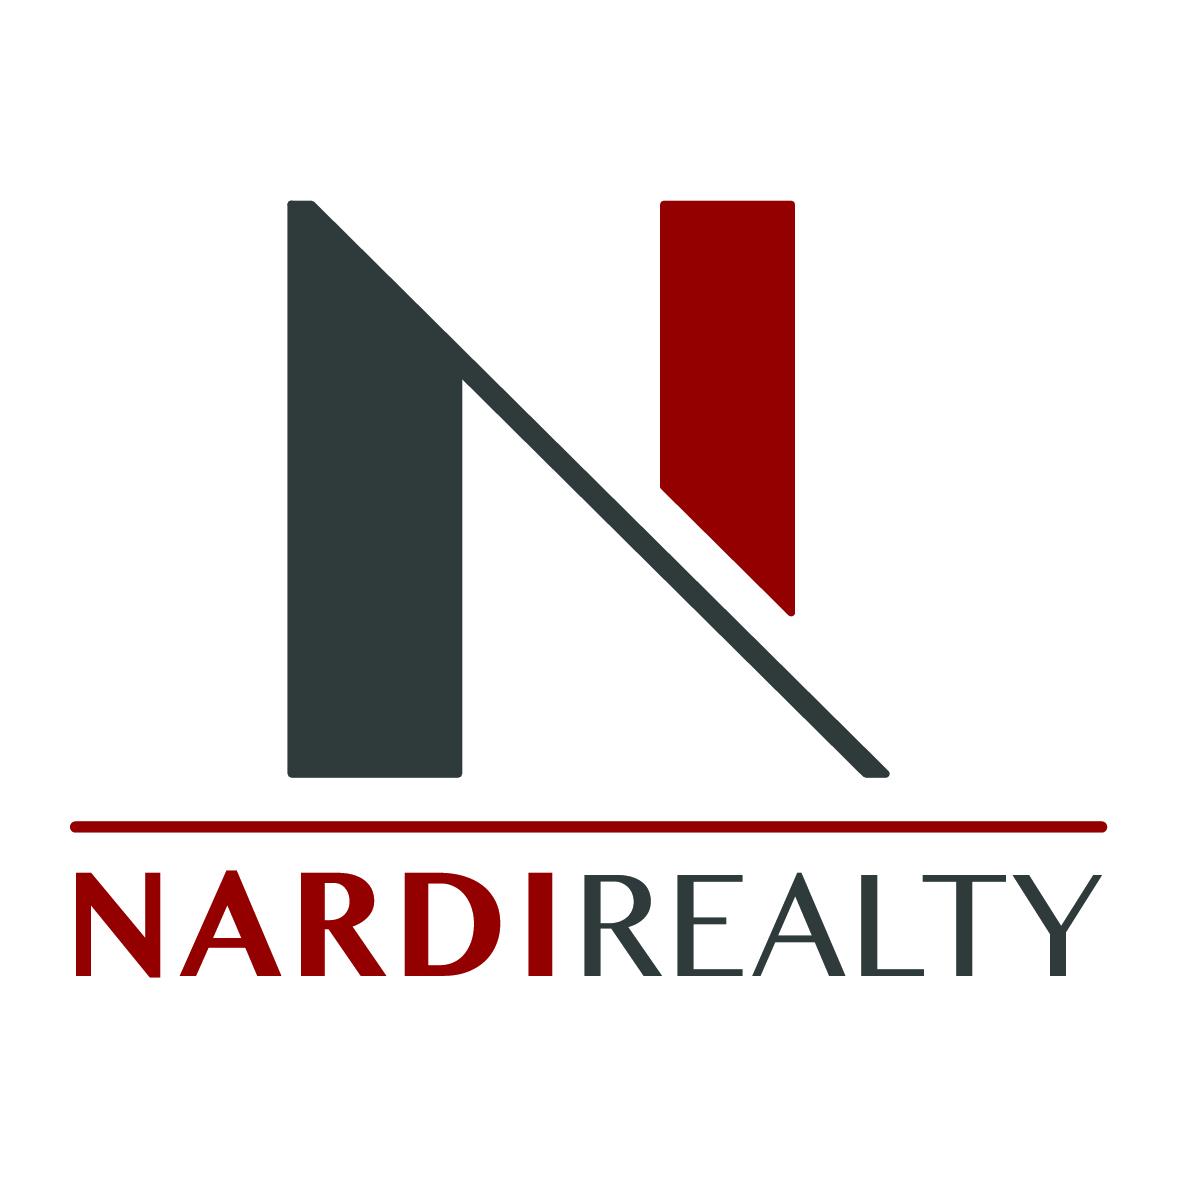 NARDI-mockups-03.jpg